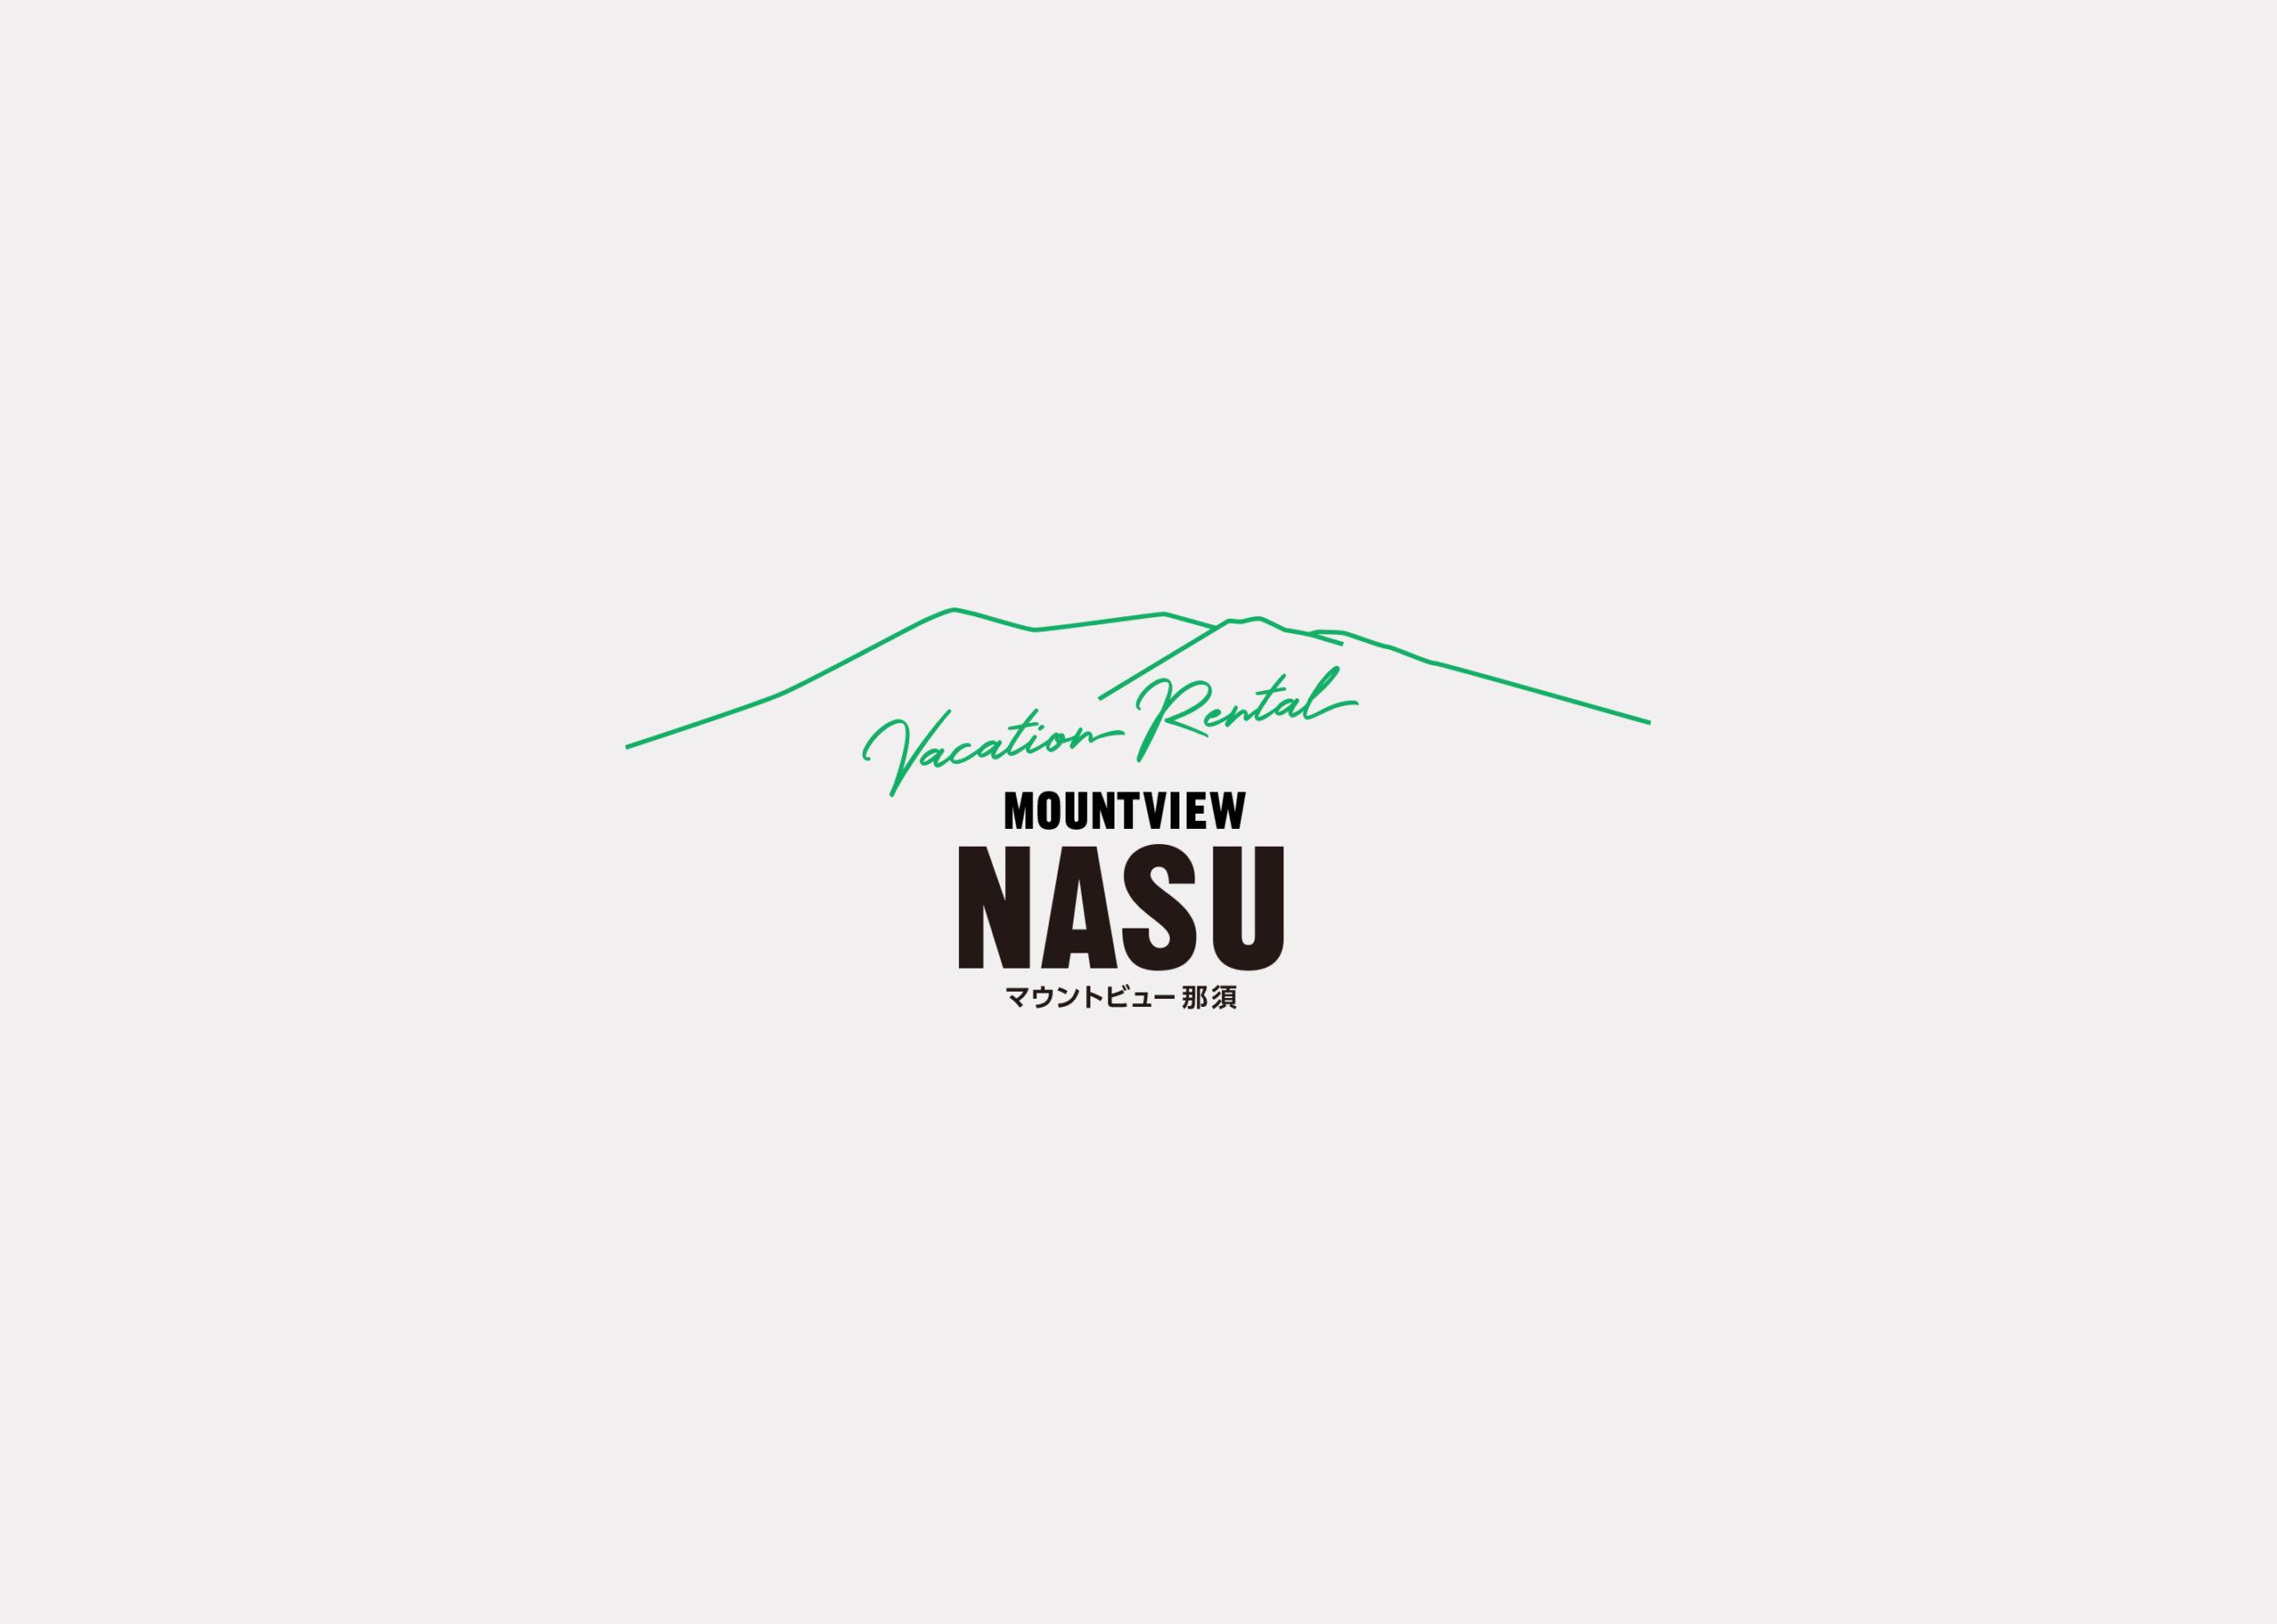 MOUNT VIEW NASU